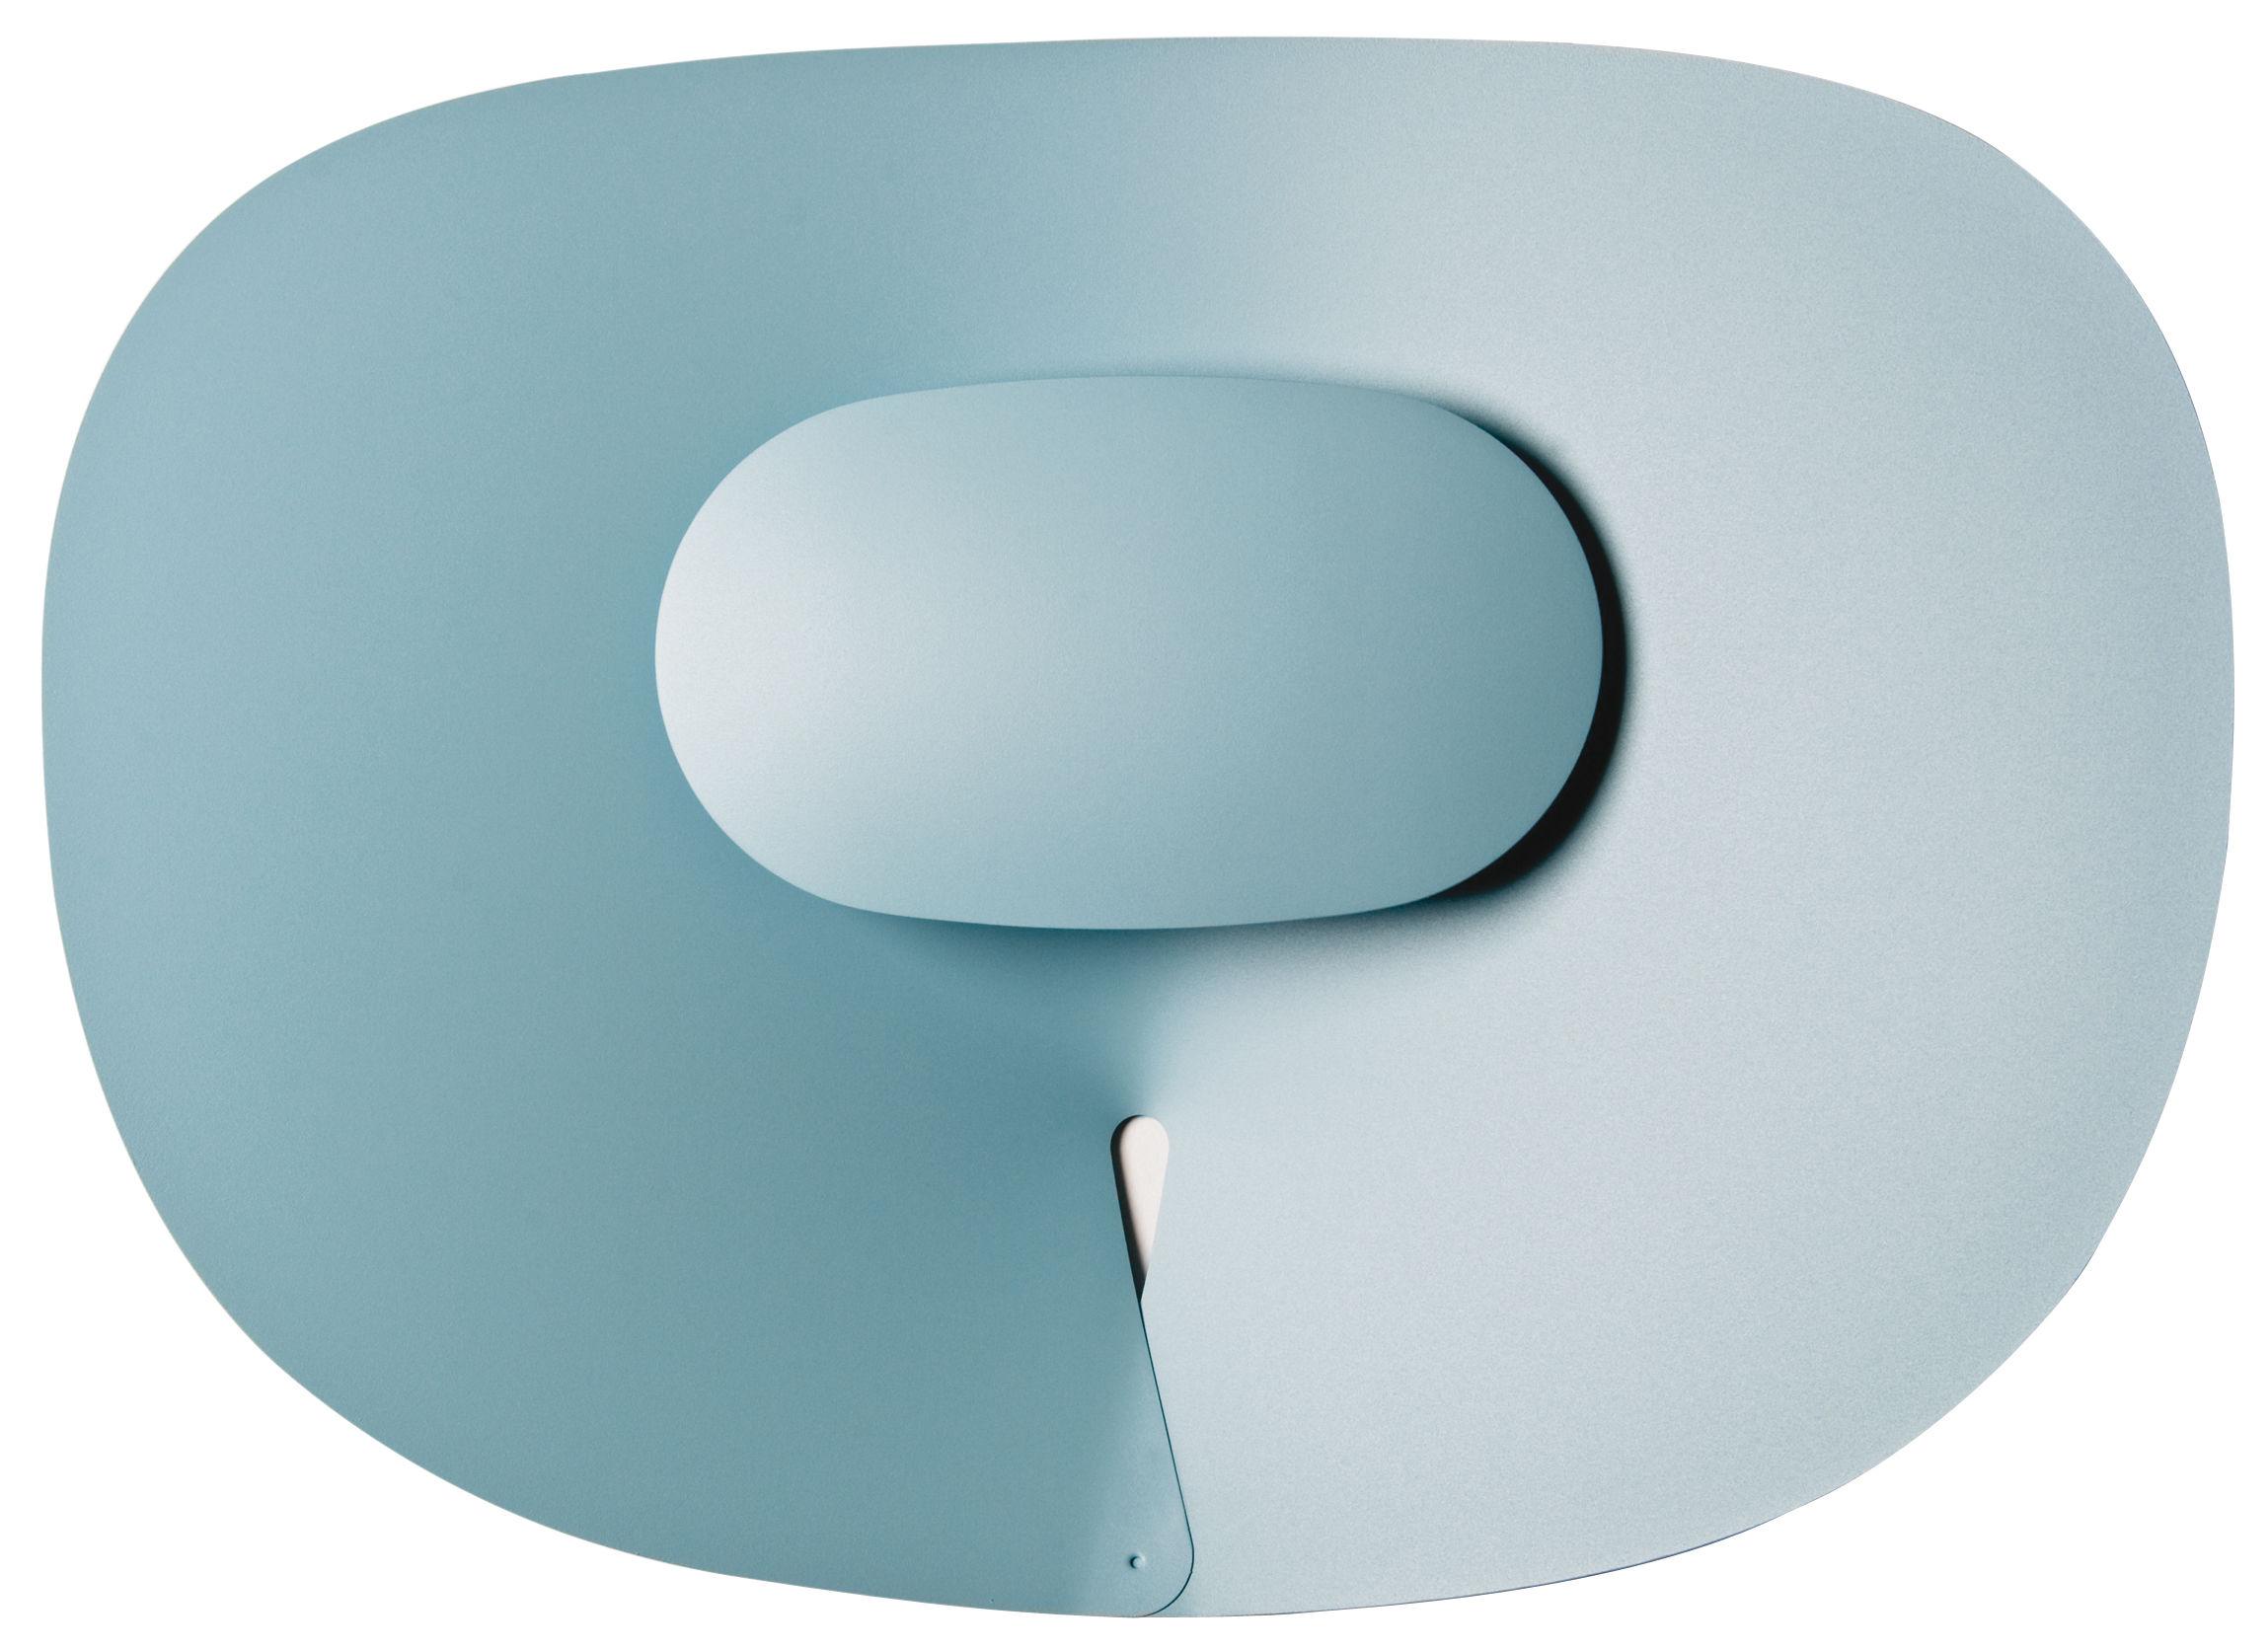 Luminaire - Appliques - Applique d'extérieur Séléné LED  / Horizontale 50 x 65 cm - Roger Pradier - Bleu - Aluminium